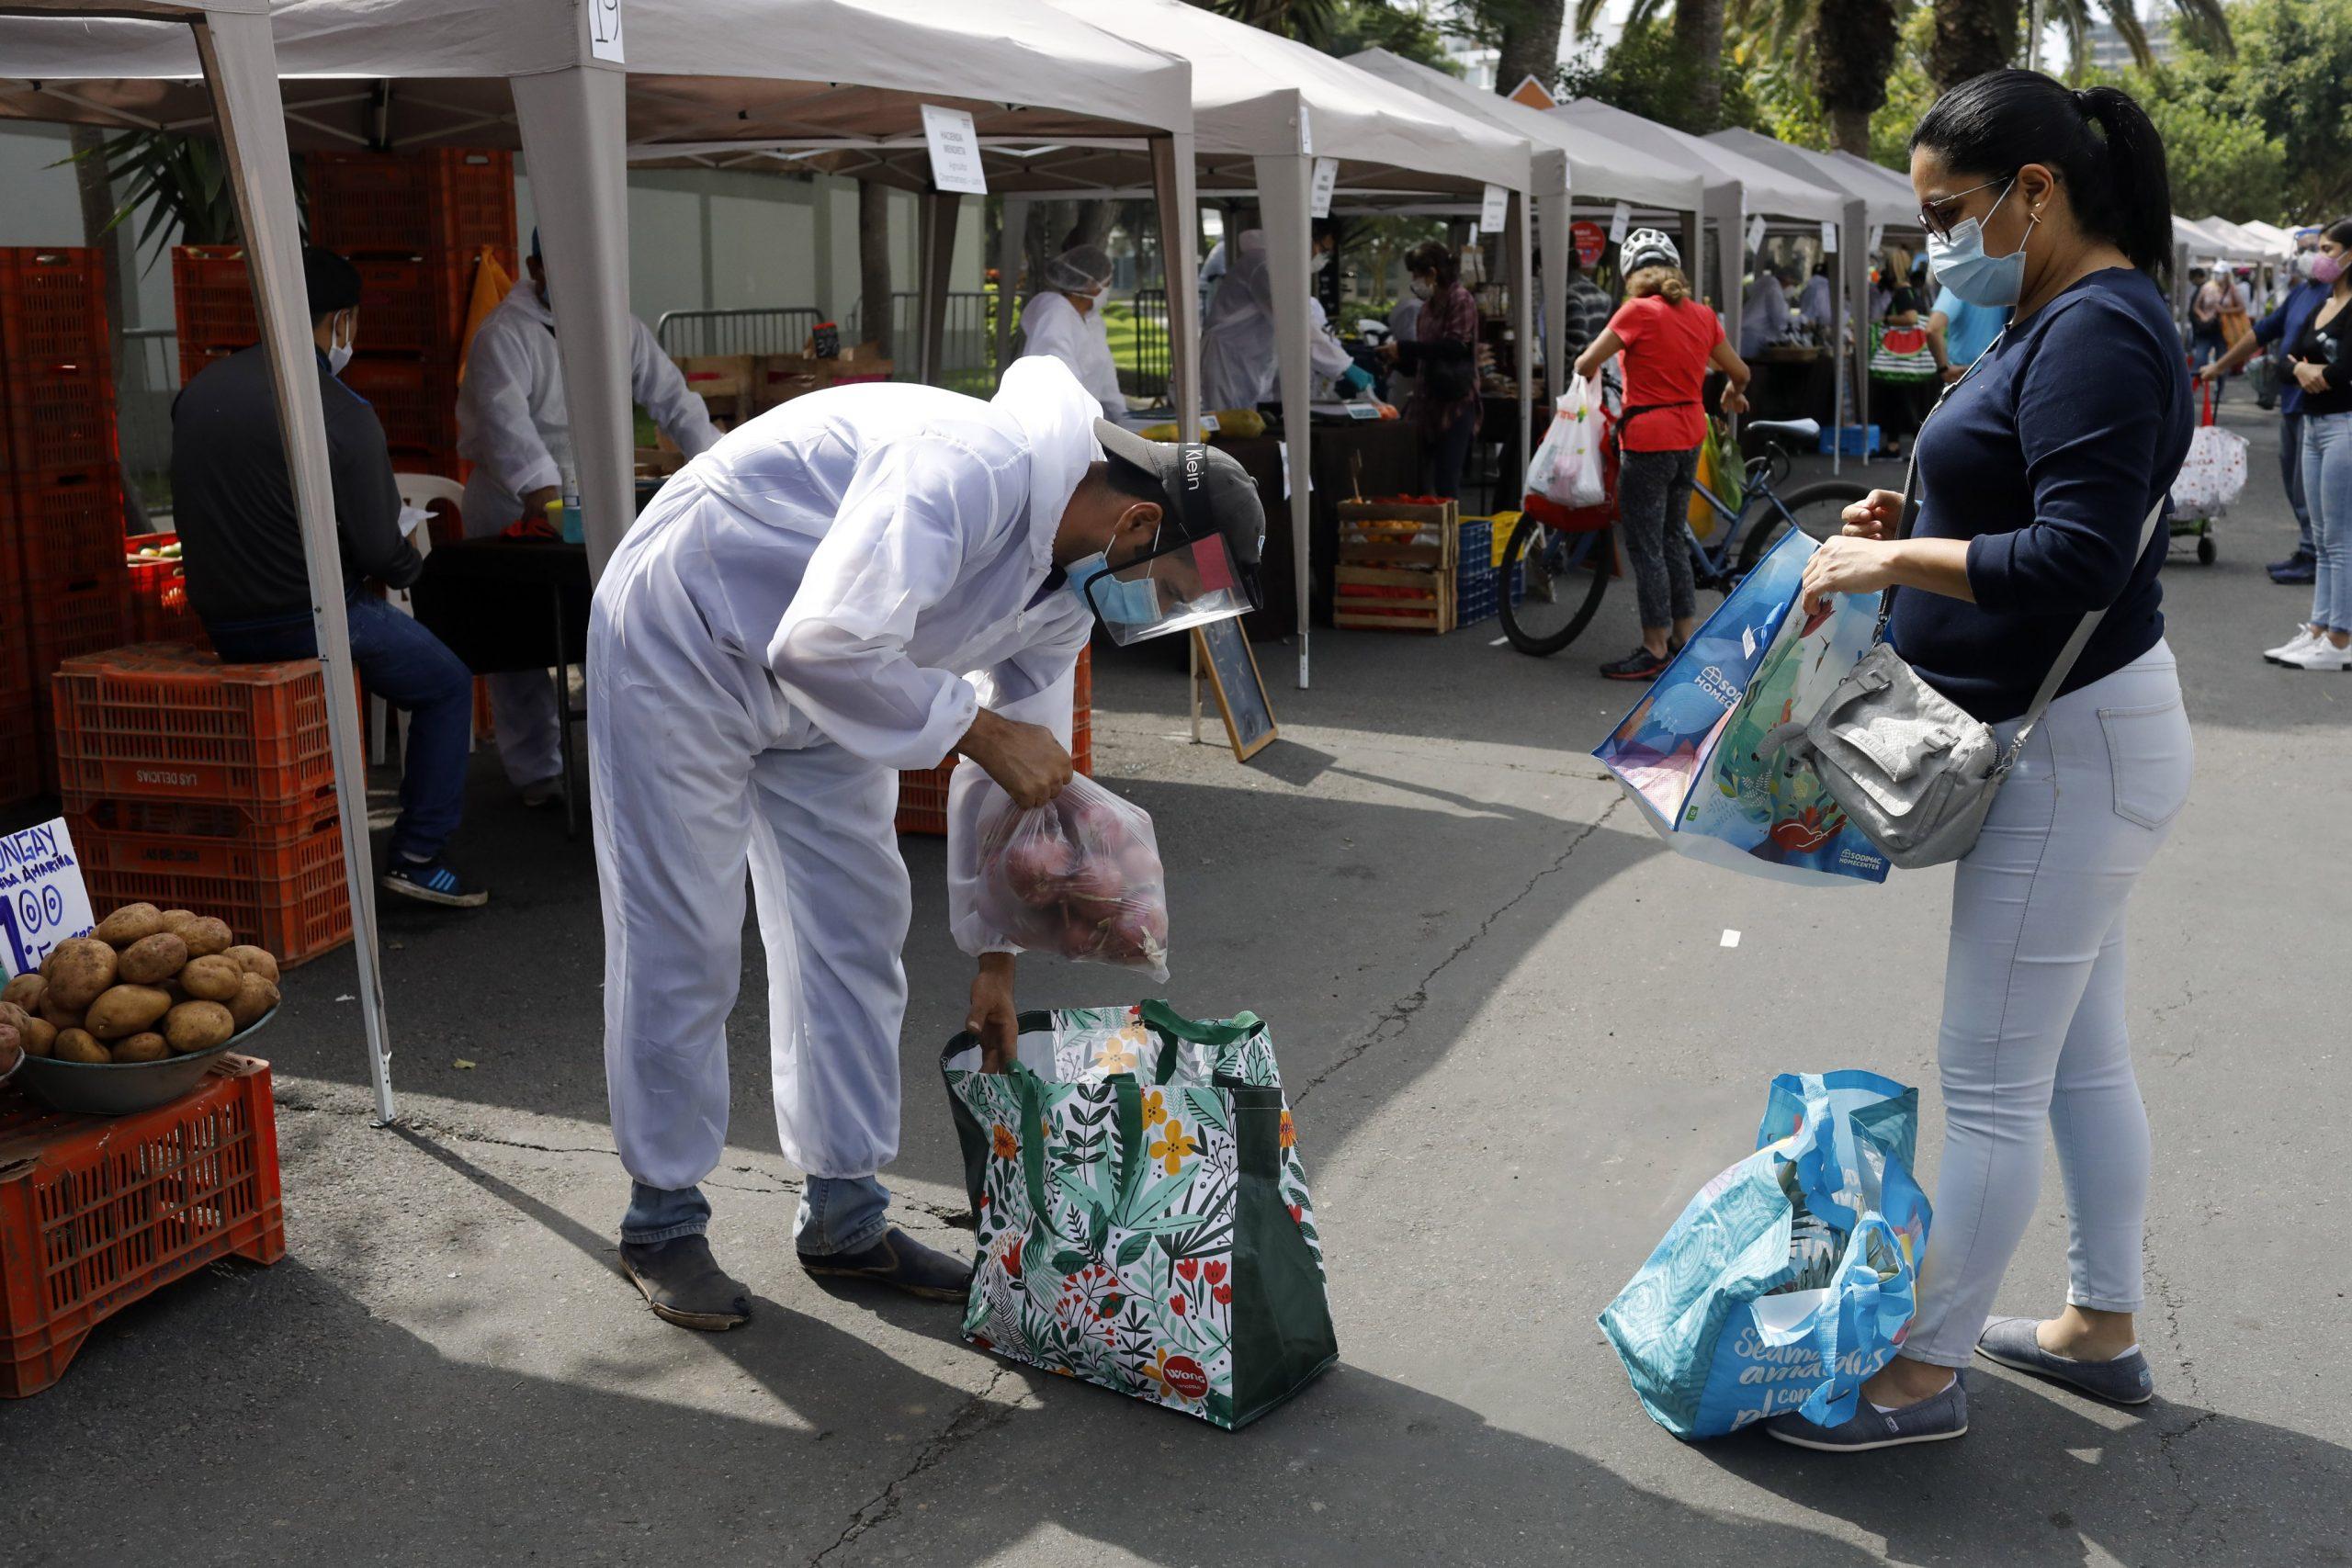 RESUMEN: Pandemia sin tregua en América Latina y el Caribe, región en proceso de desconfinamiento social para reactivar economía